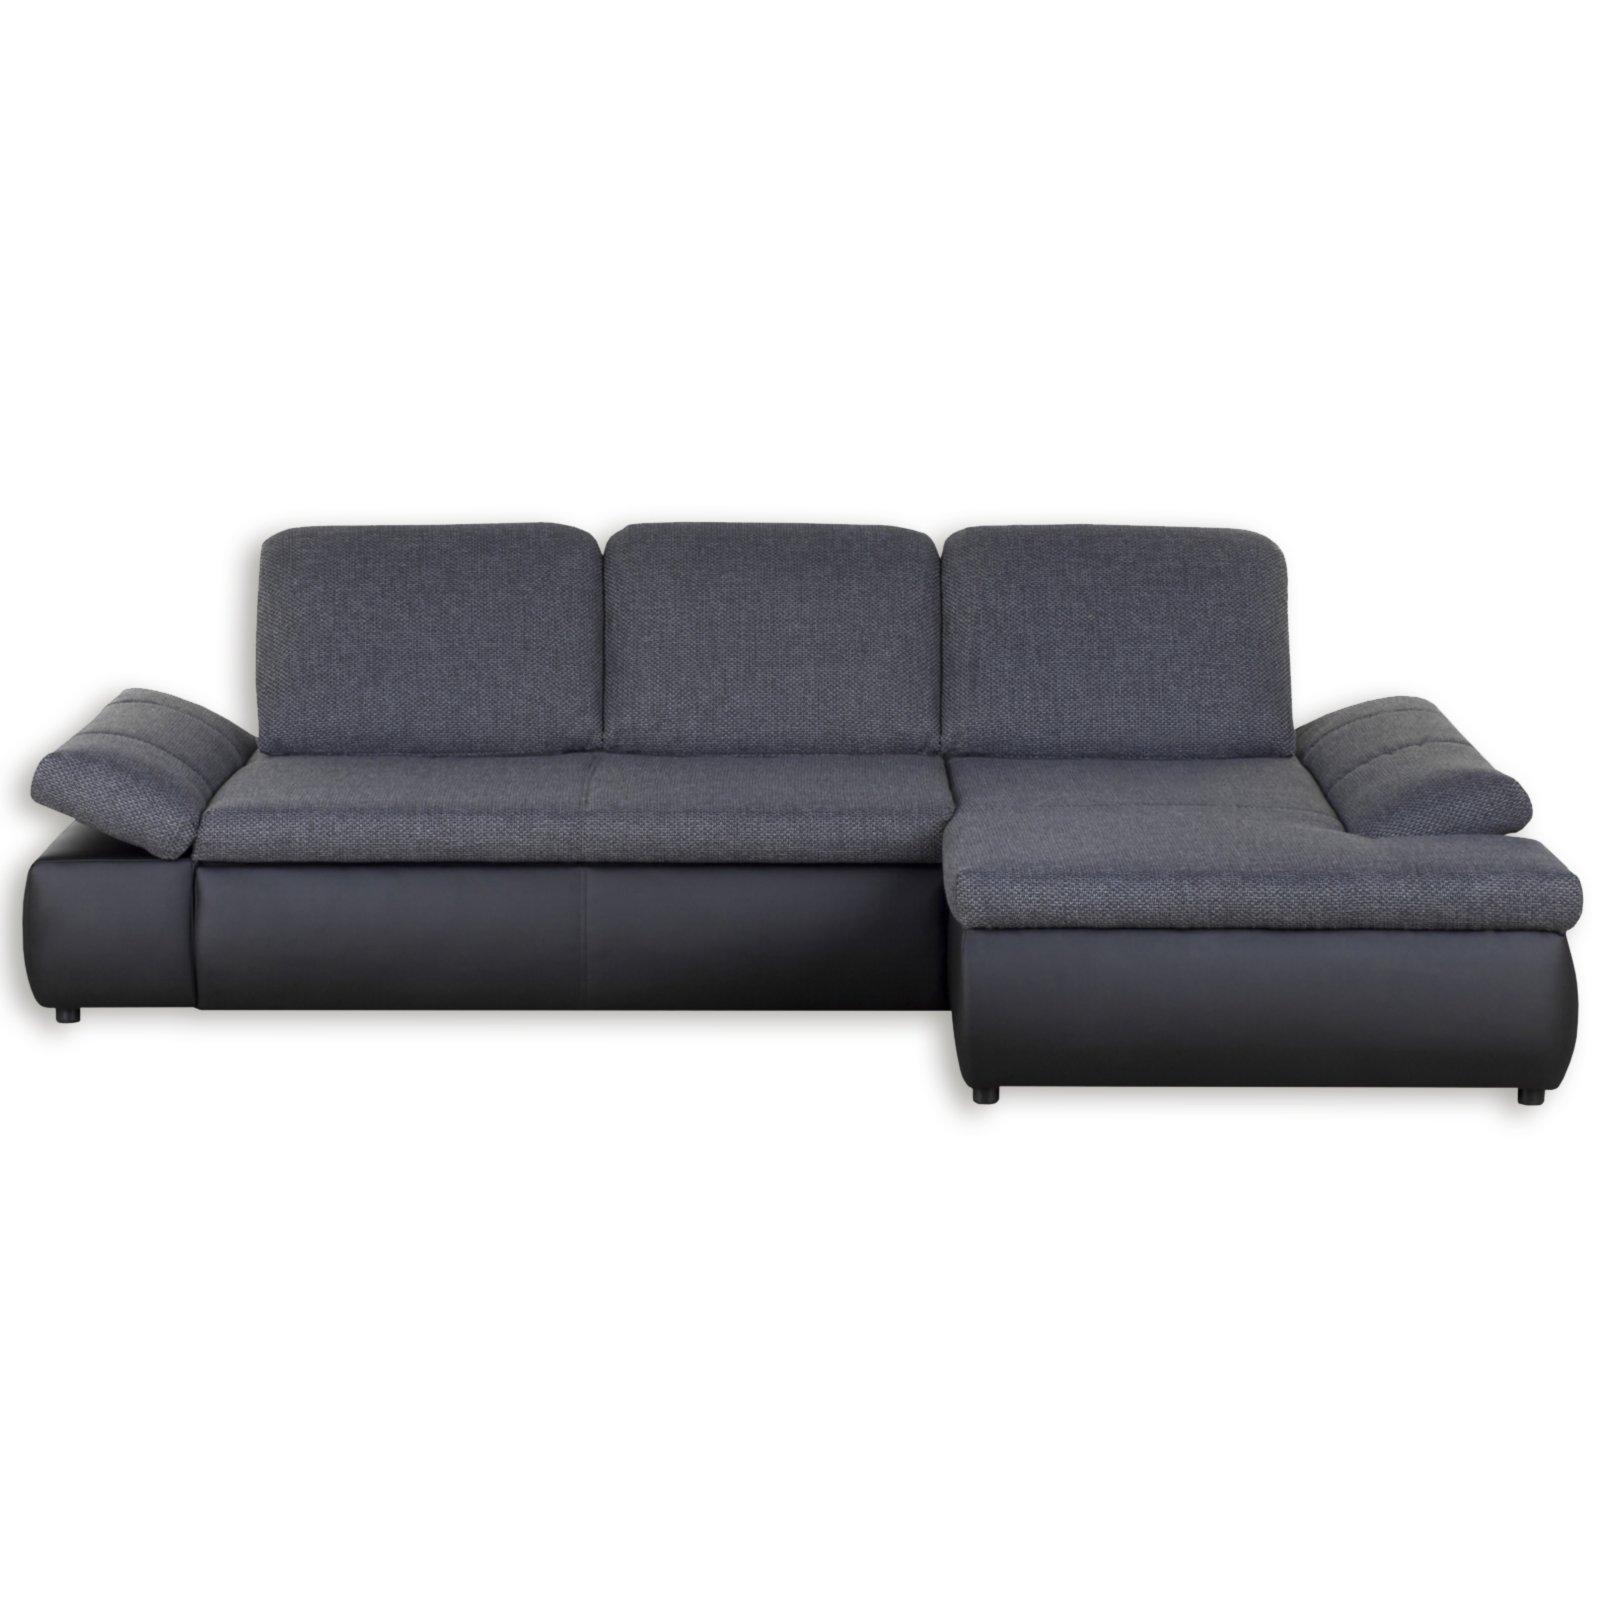 polsterecke schwarz grau sitztiefenverstellung recamiere rechts ecksofas l form sofas. Black Bedroom Furniture Sets. Home Design Ideas